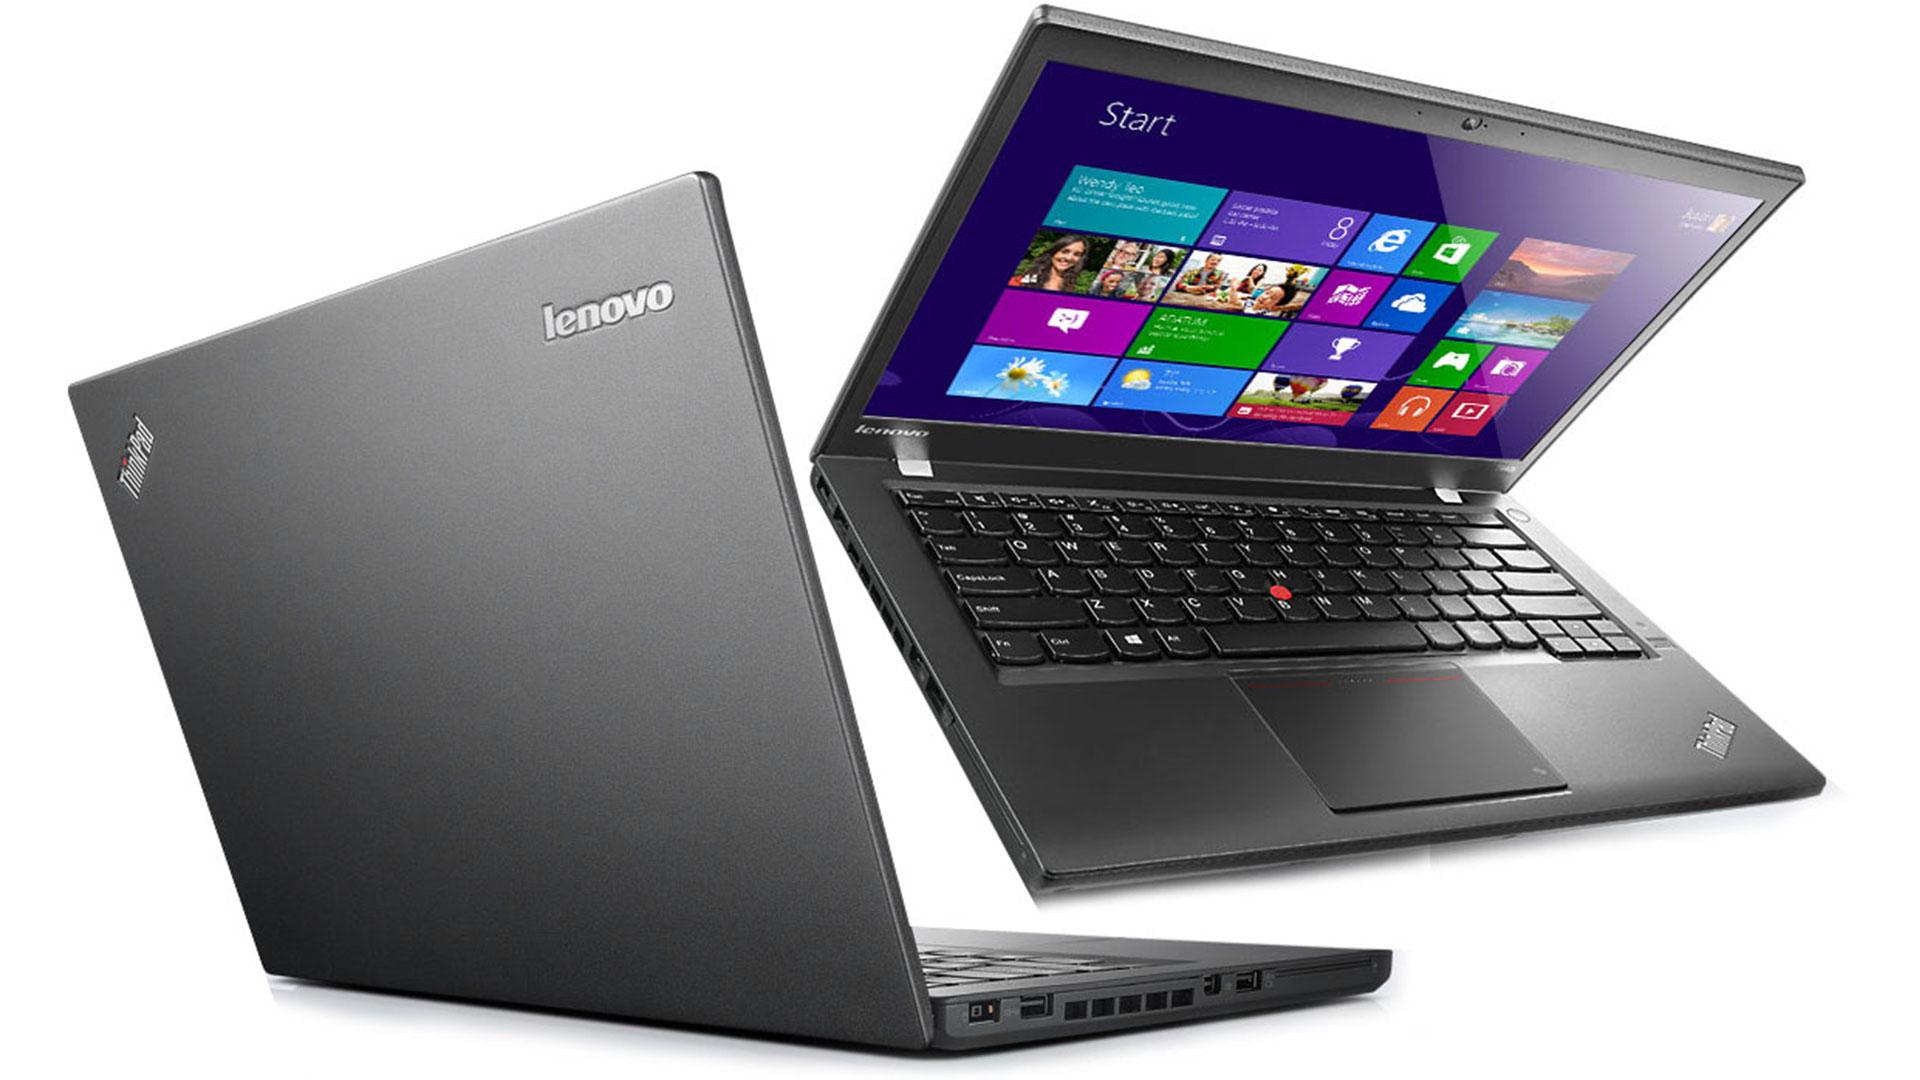 Lenovo Thinkpad T440 2014 Core i5-4300 Màn cảm ứng chính hãng